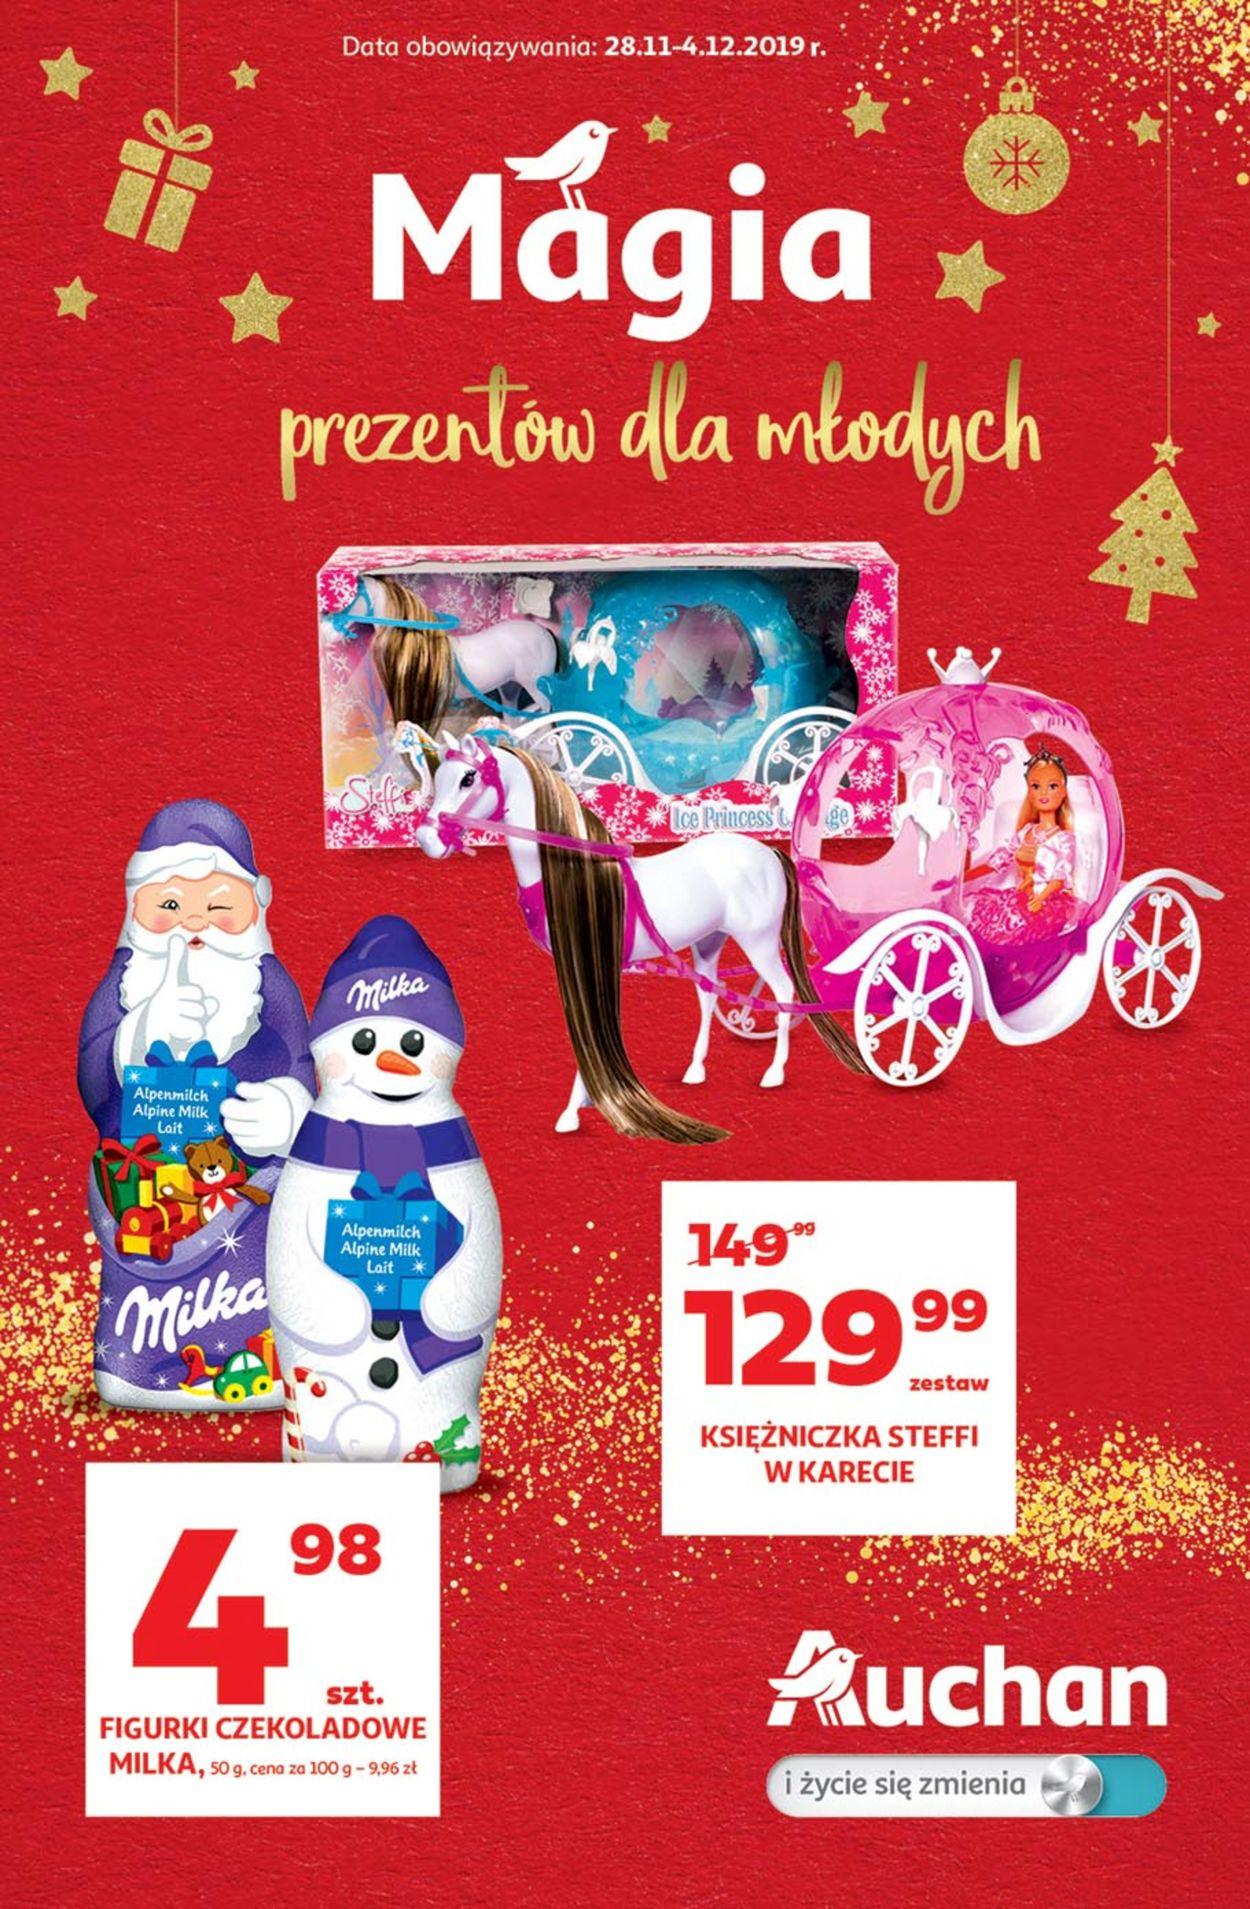 Gazetka promocyjna Auchan - Black Week 2019 - 28.11-04.12.2019